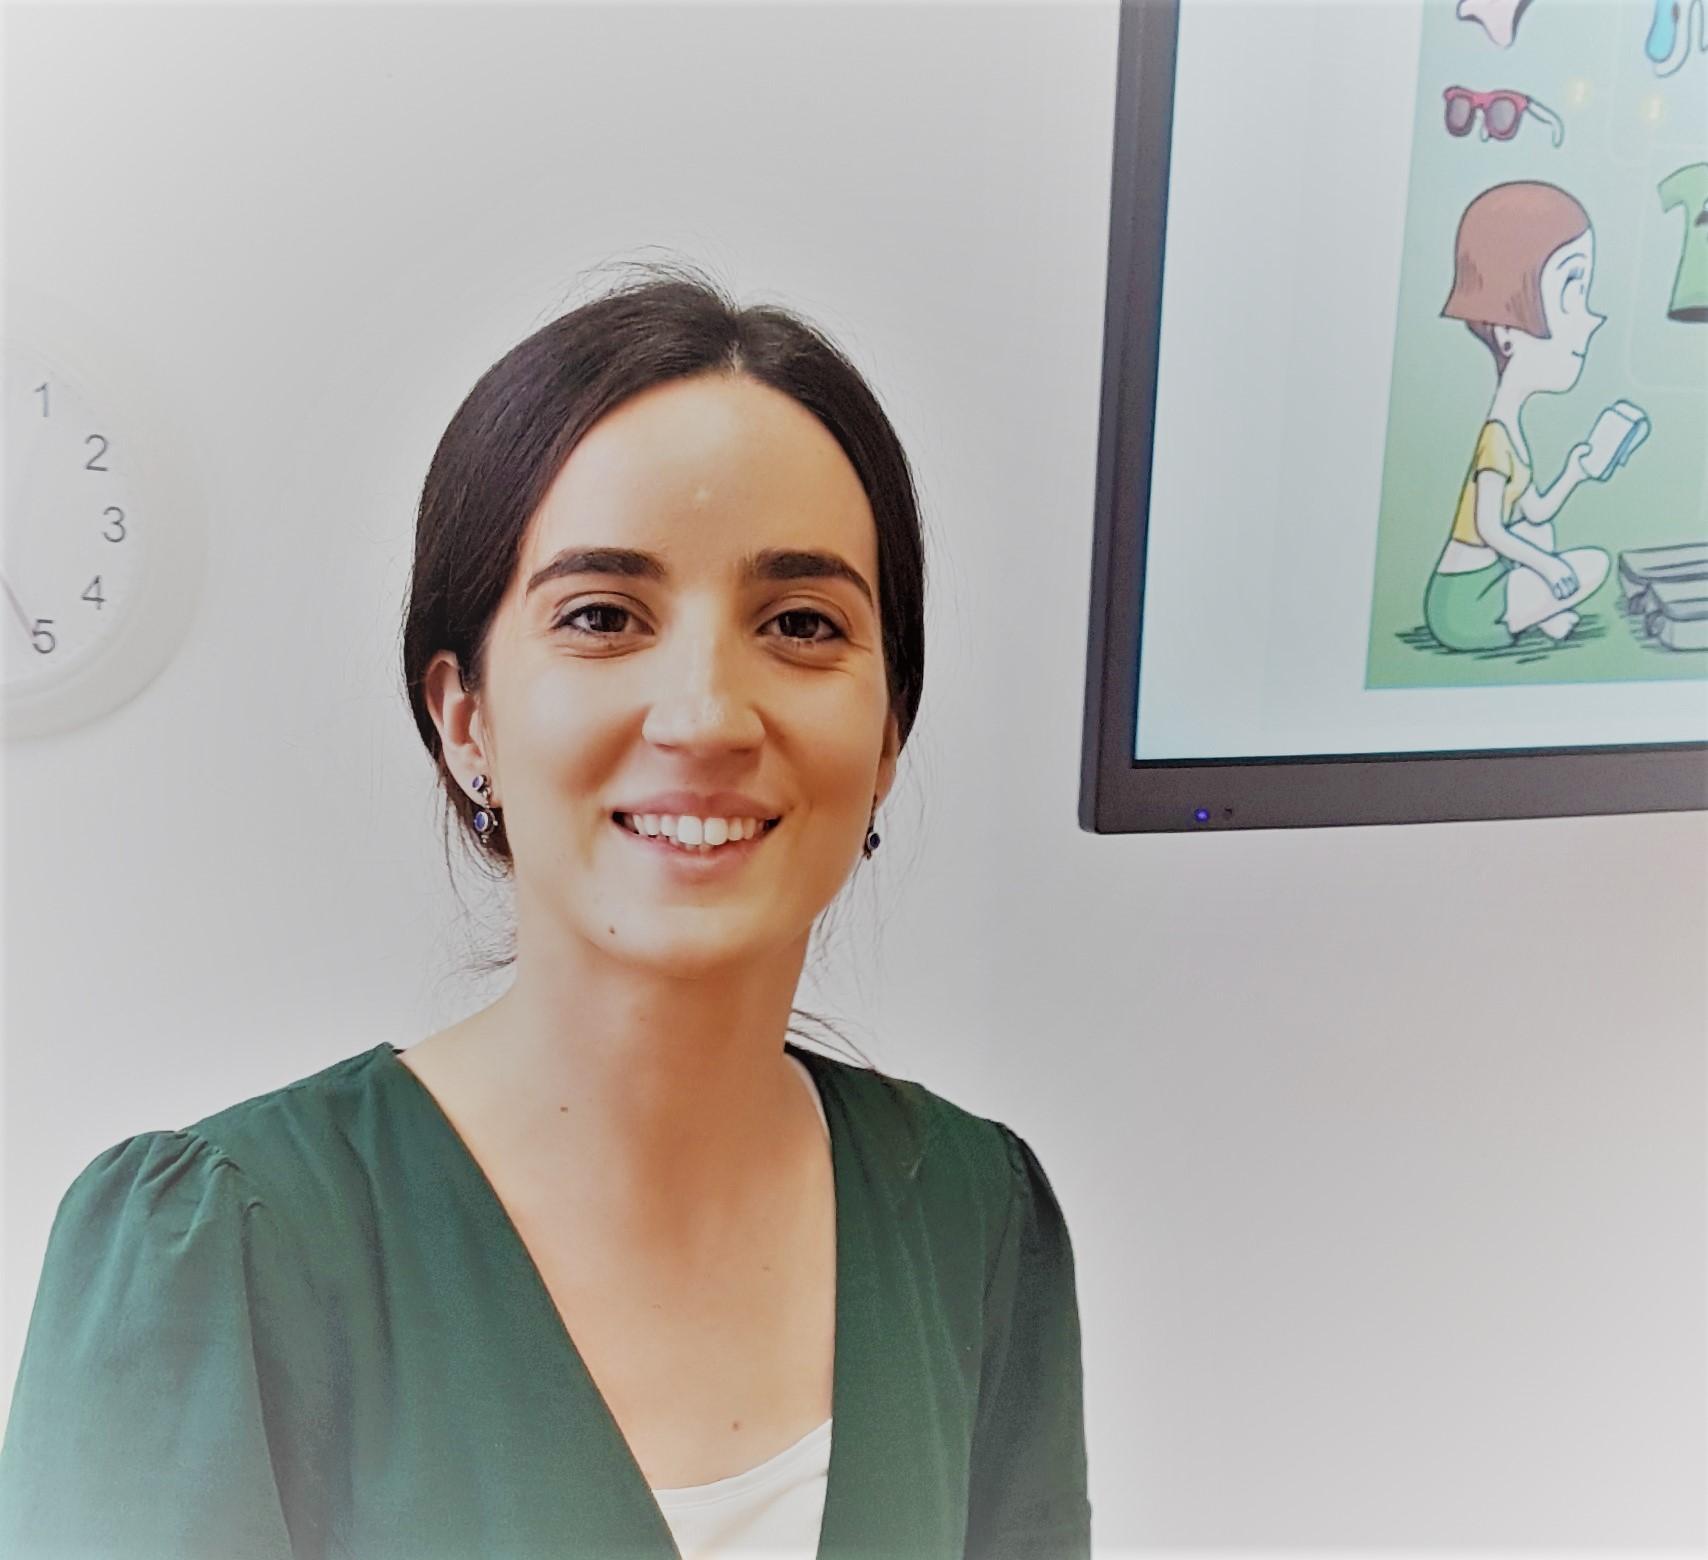 Spanish teacher Beatriz